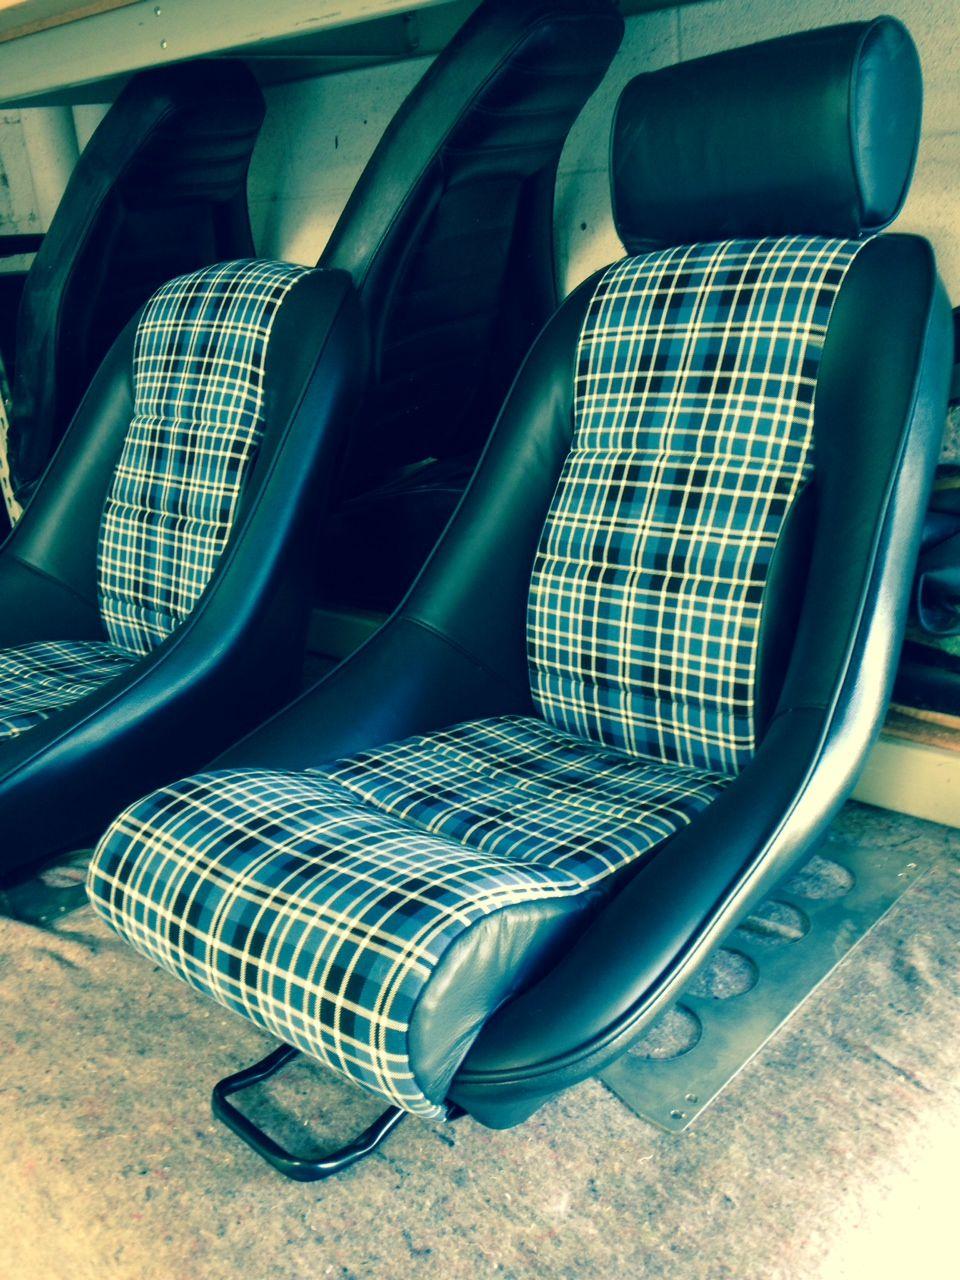 Love Those Seats Porsche Outlaw Upholstery Porsche 911 Porsche